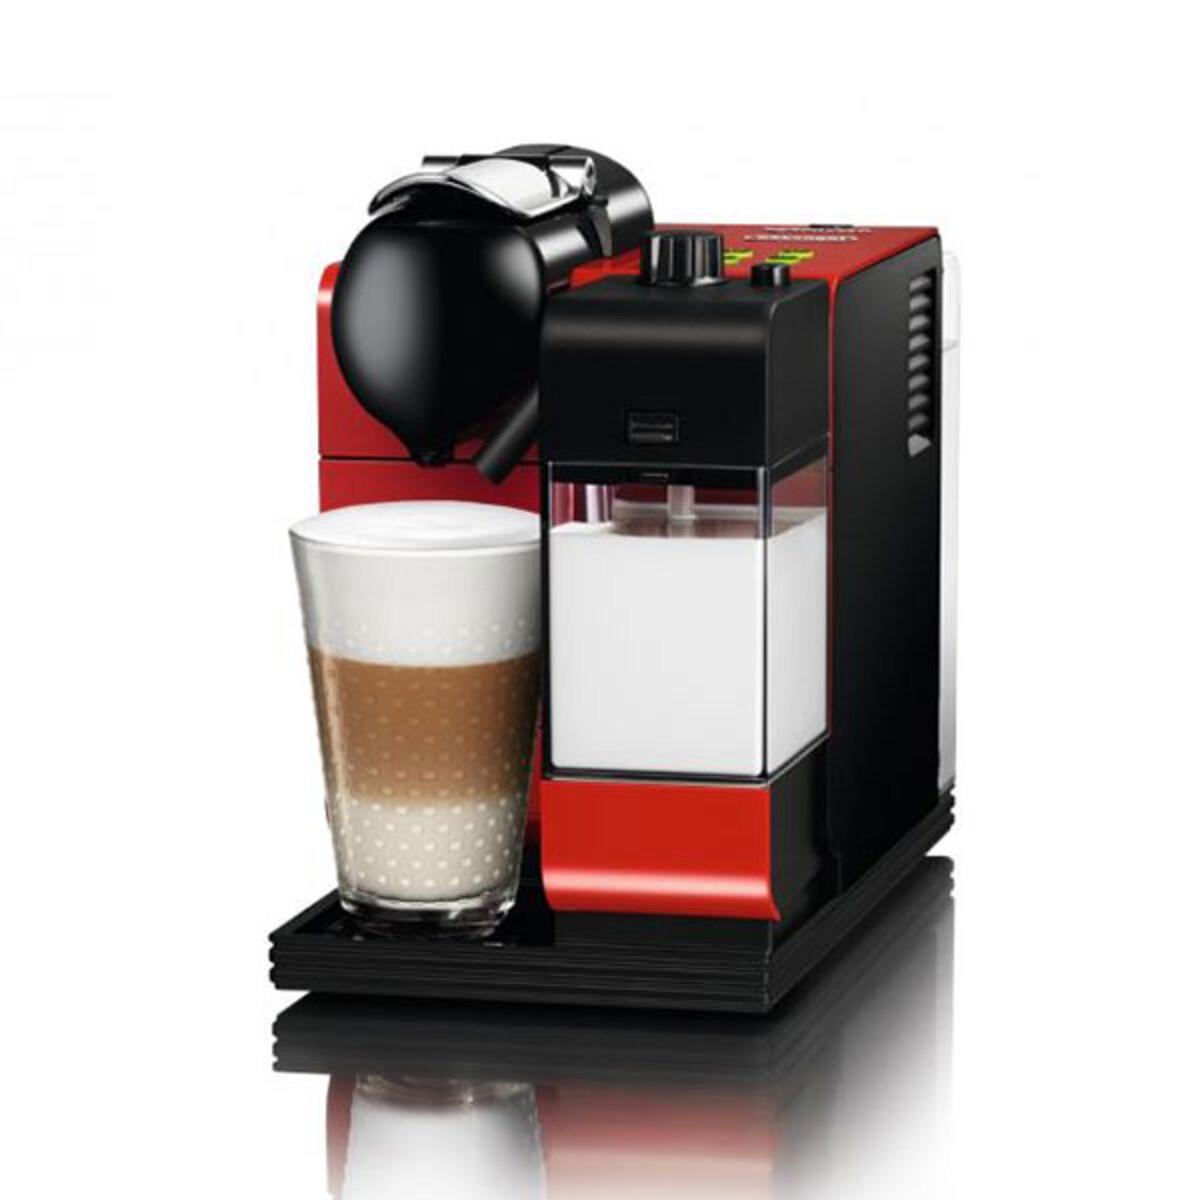 Nespresso Latissima Plus Red